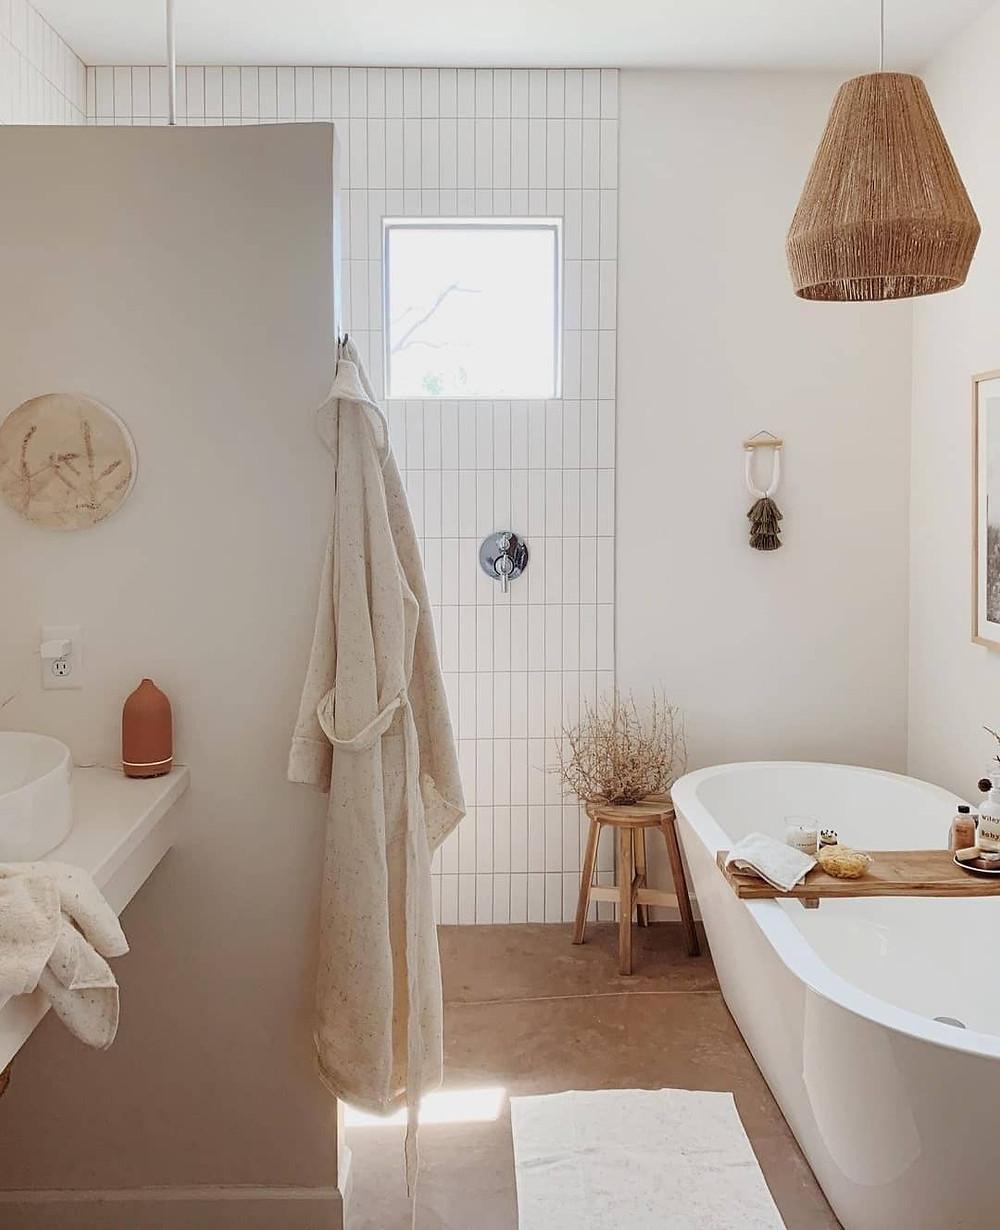 Jute ceiling pendant in spa bathroom